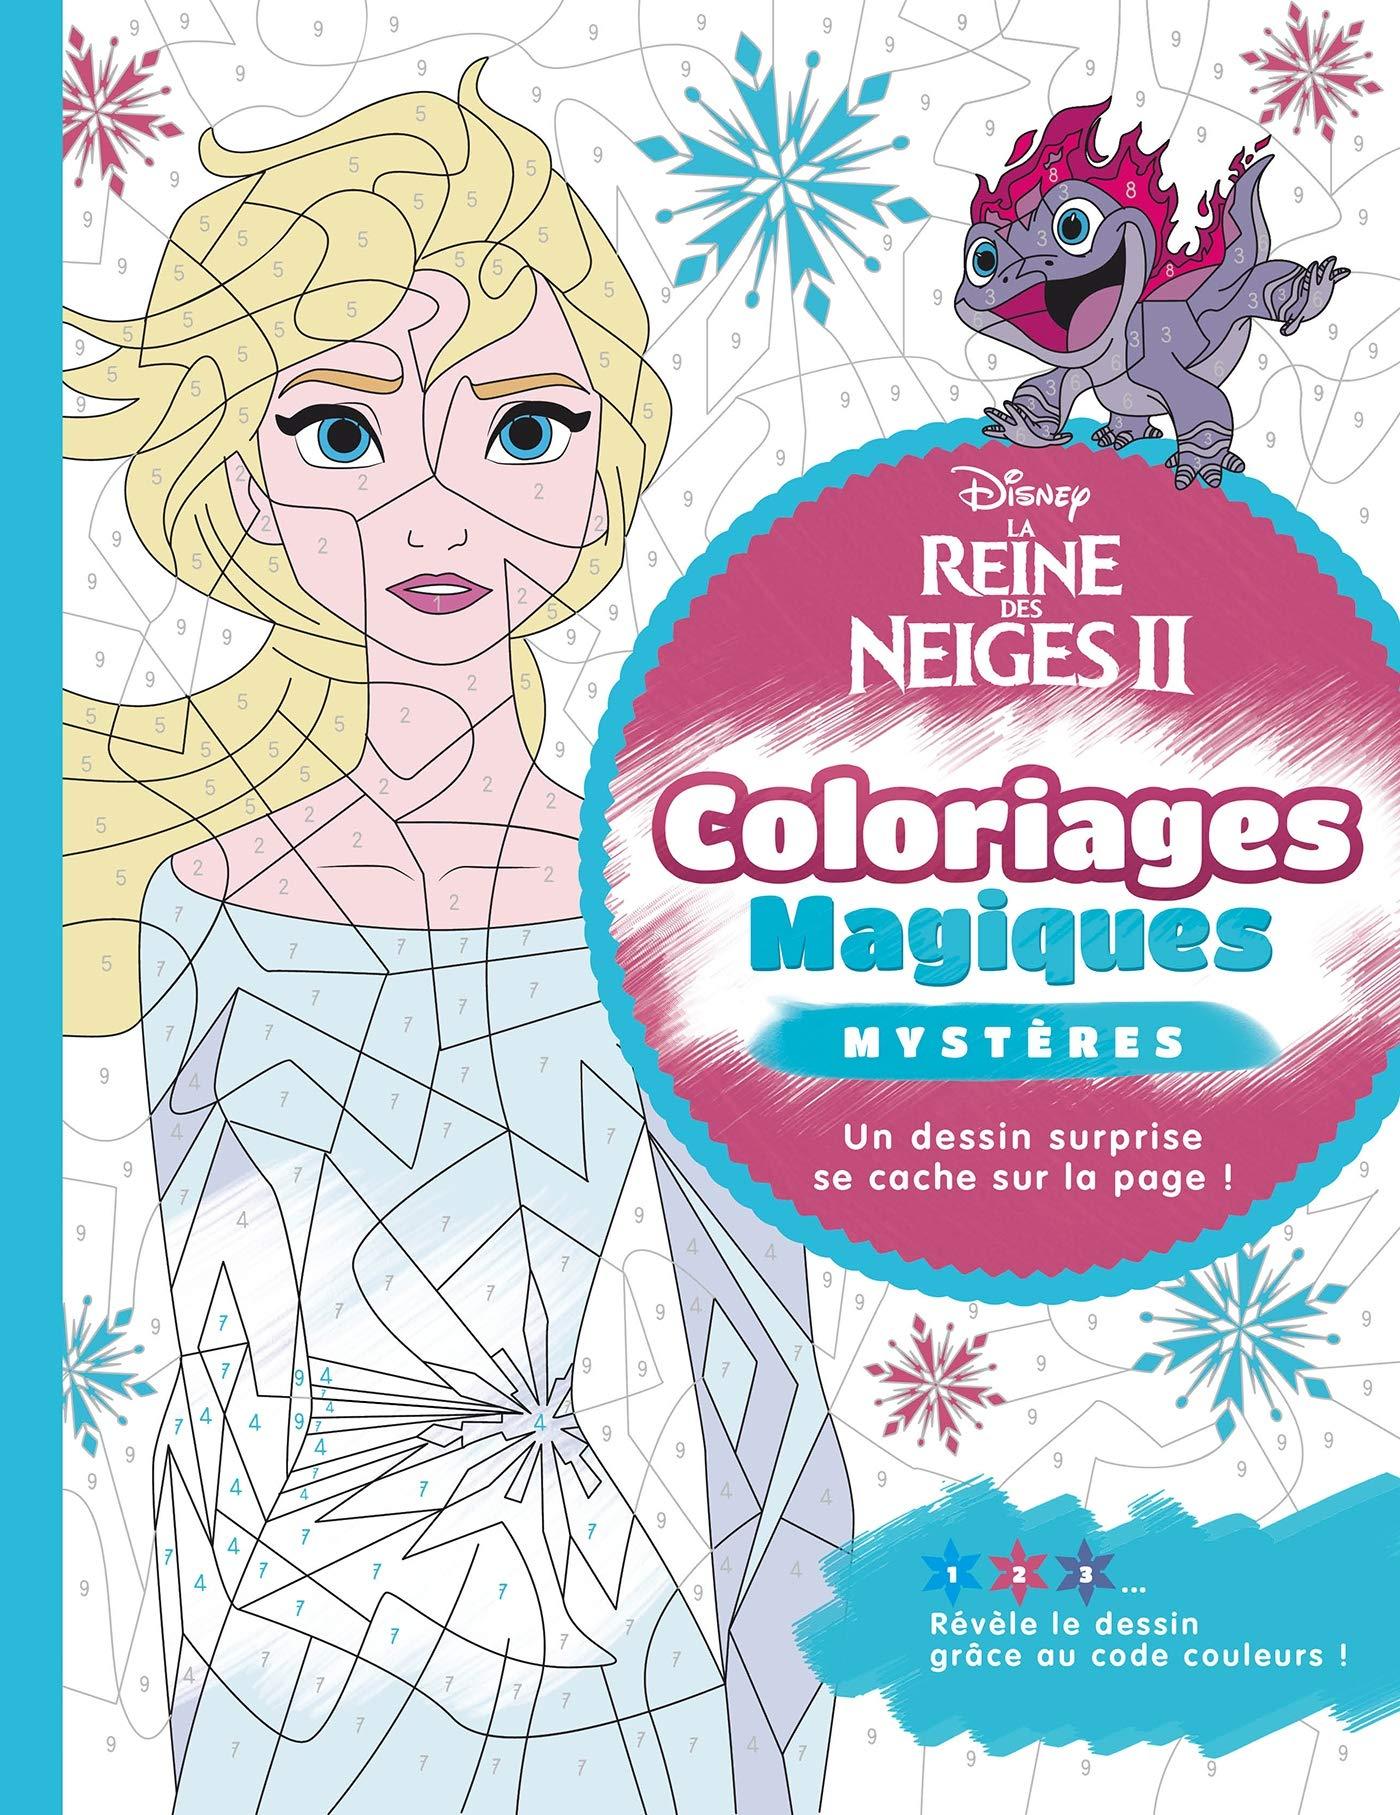 La Reine Des Neiges 2 Coloriages Magiques Mysteres Amazon Fr Disney Livres